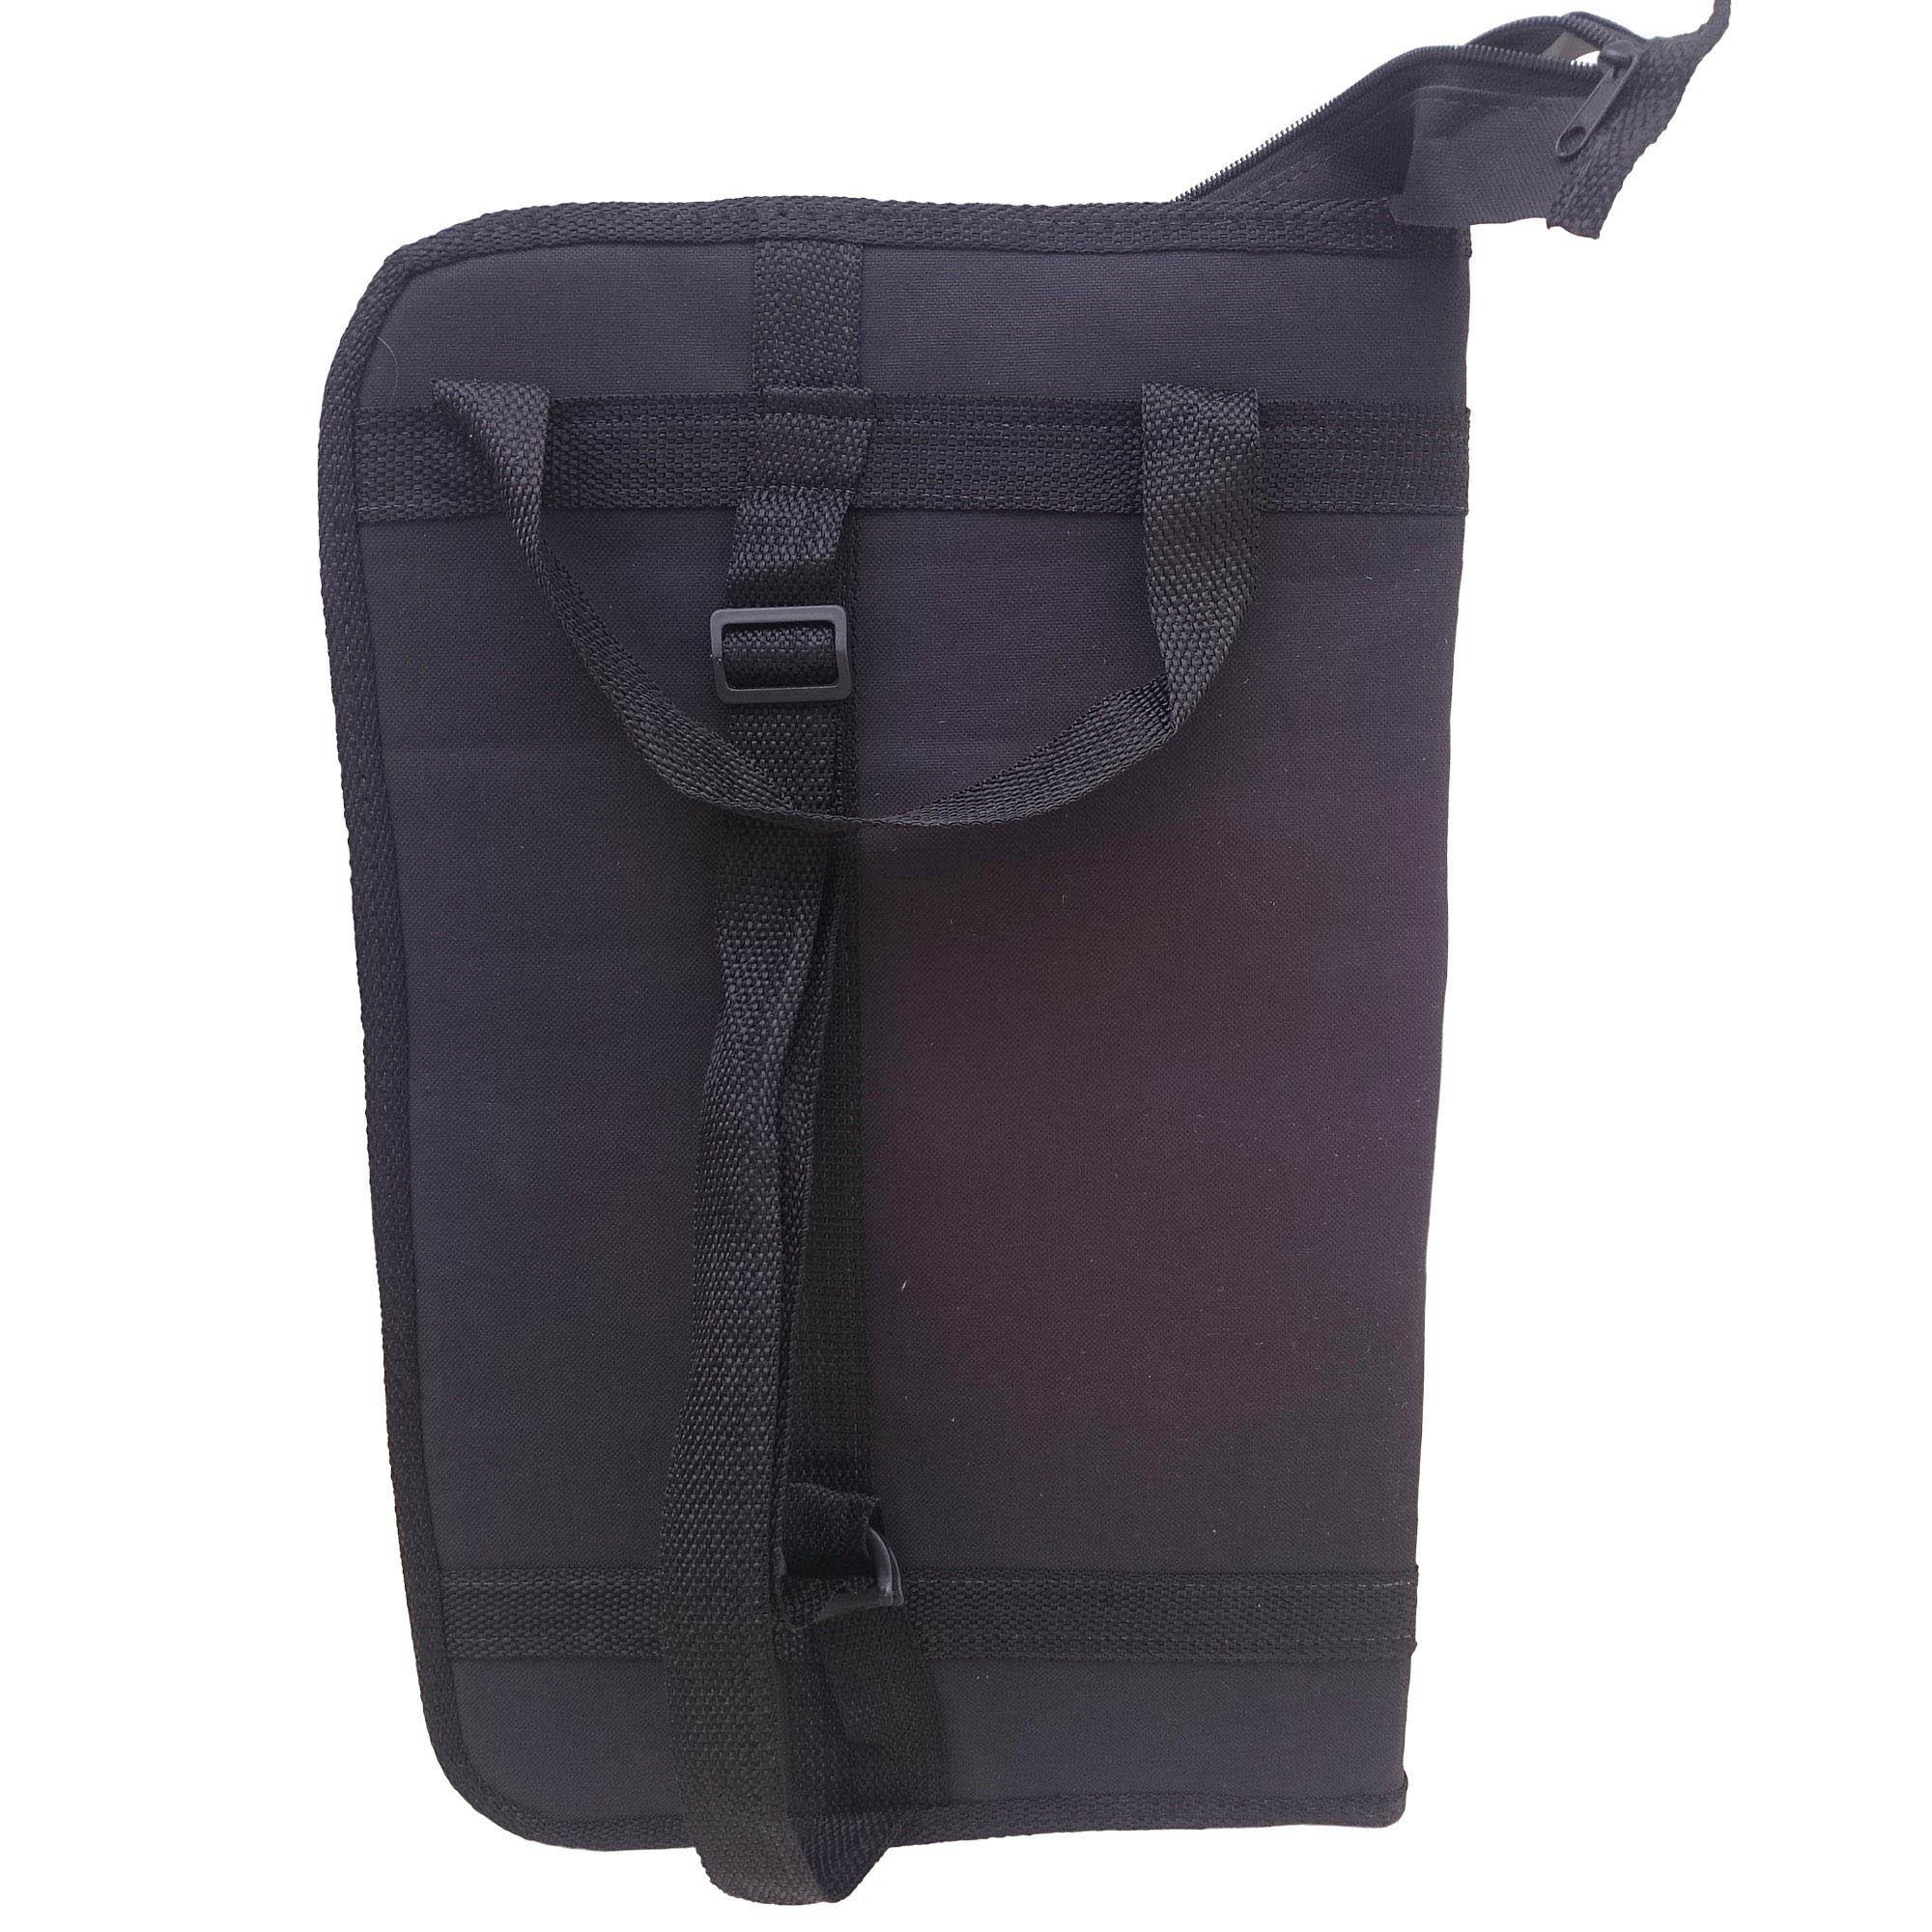 Capa Bag luxo LC Para Baquetas. Grande, cabe muitas baquetas. Baqueteira profissional. CLAVE & BAG. LU 704